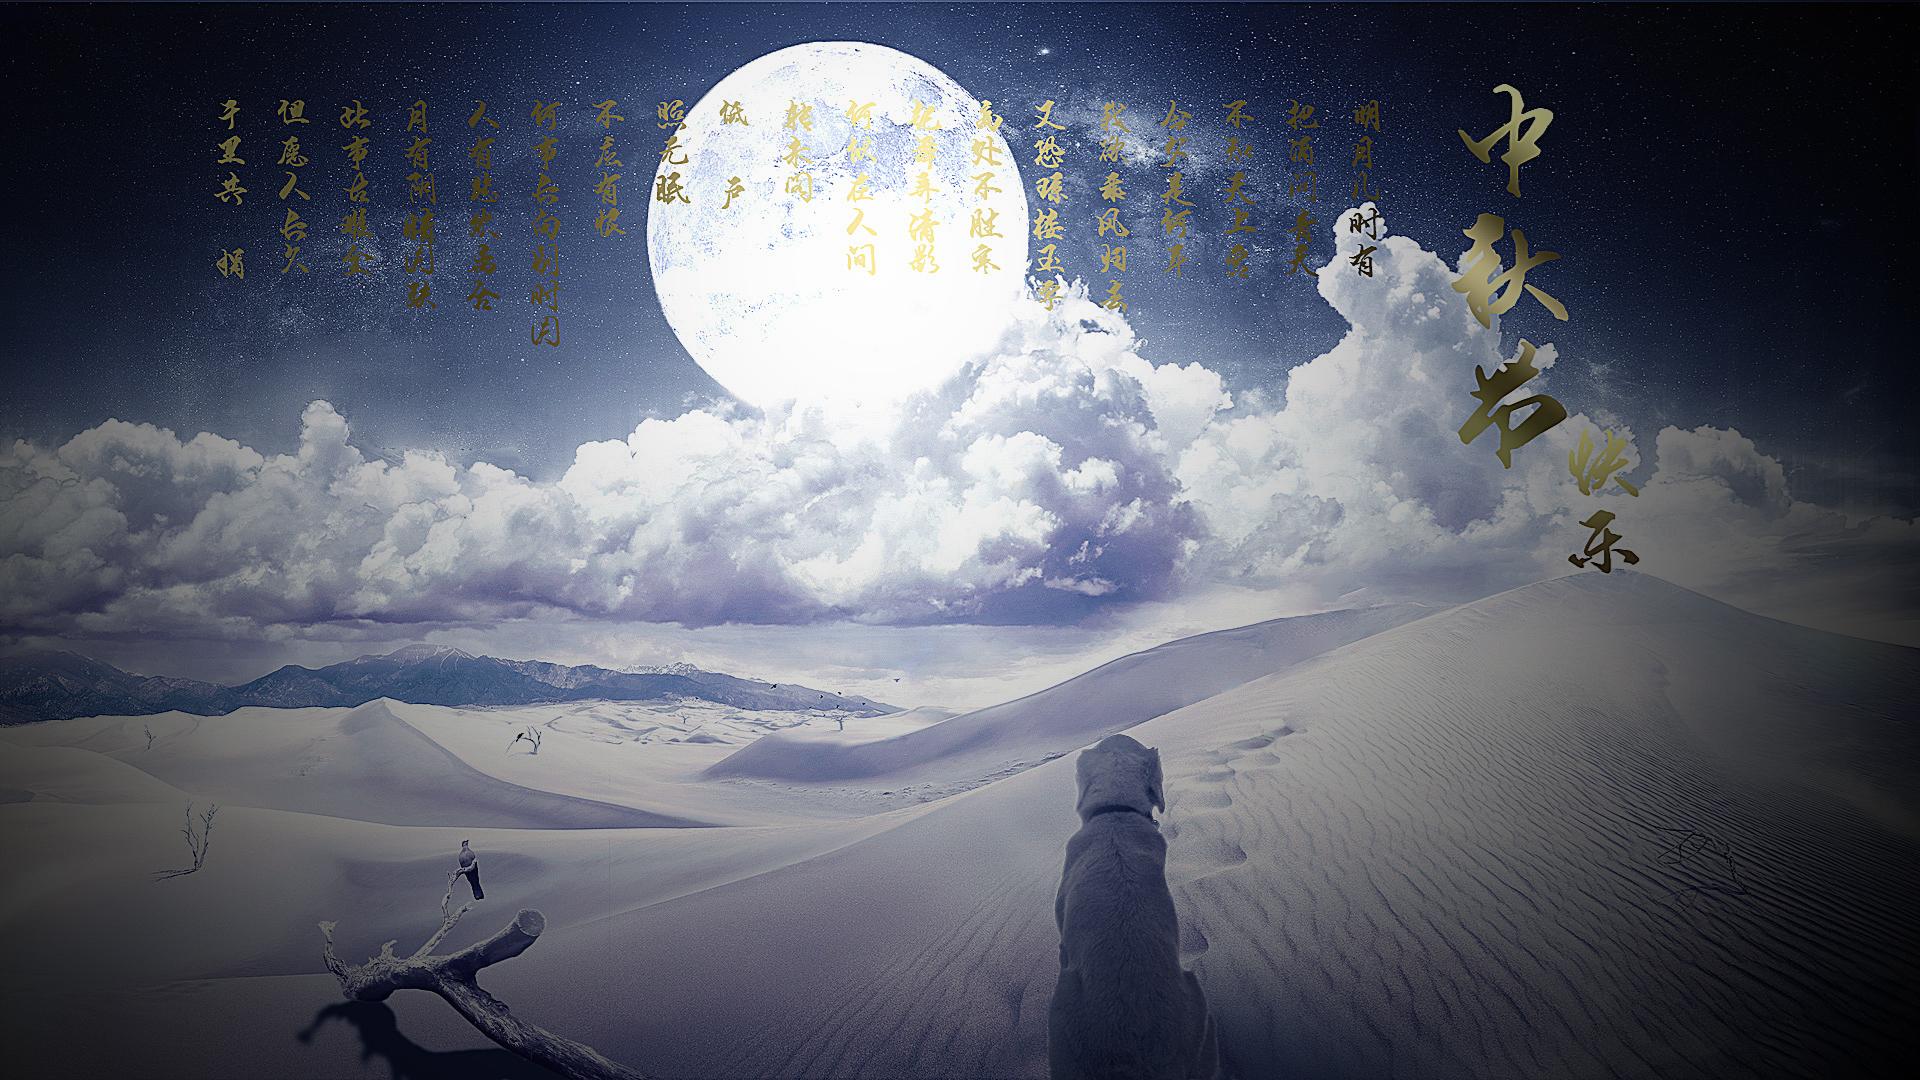 中秋·月圆是画,月缺是诗